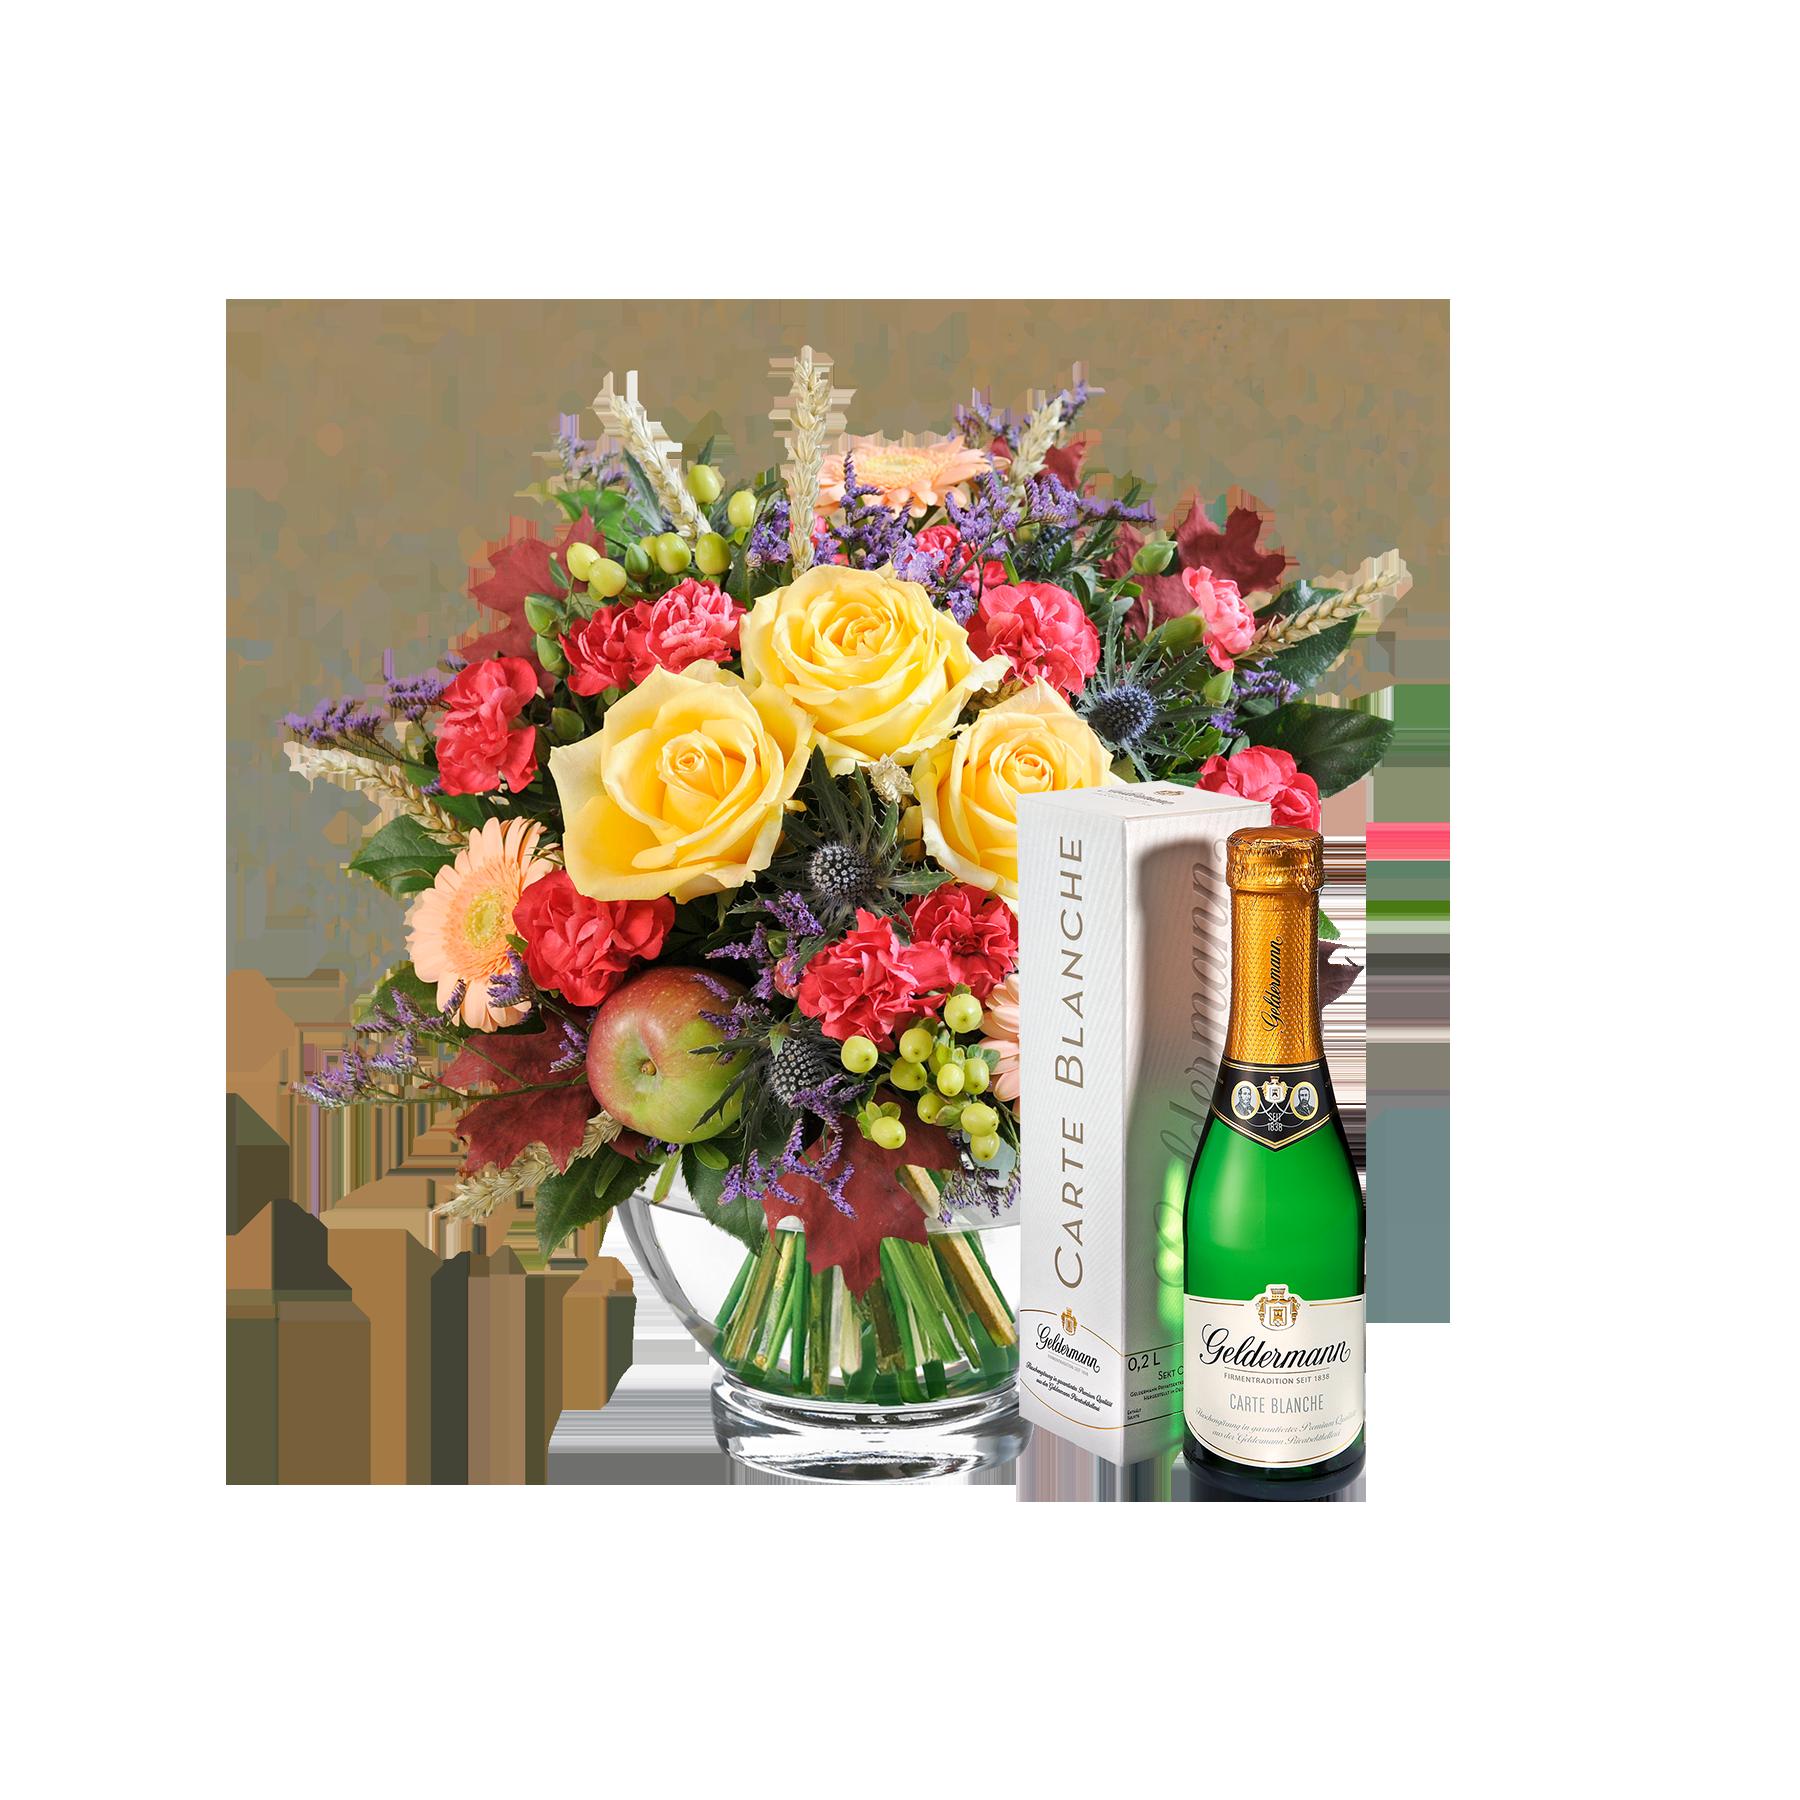 Blumenstrauß  -  - Herbstlicht -  -  mit Piccolo  -  - Carte Blanche -  -  von Geldermann